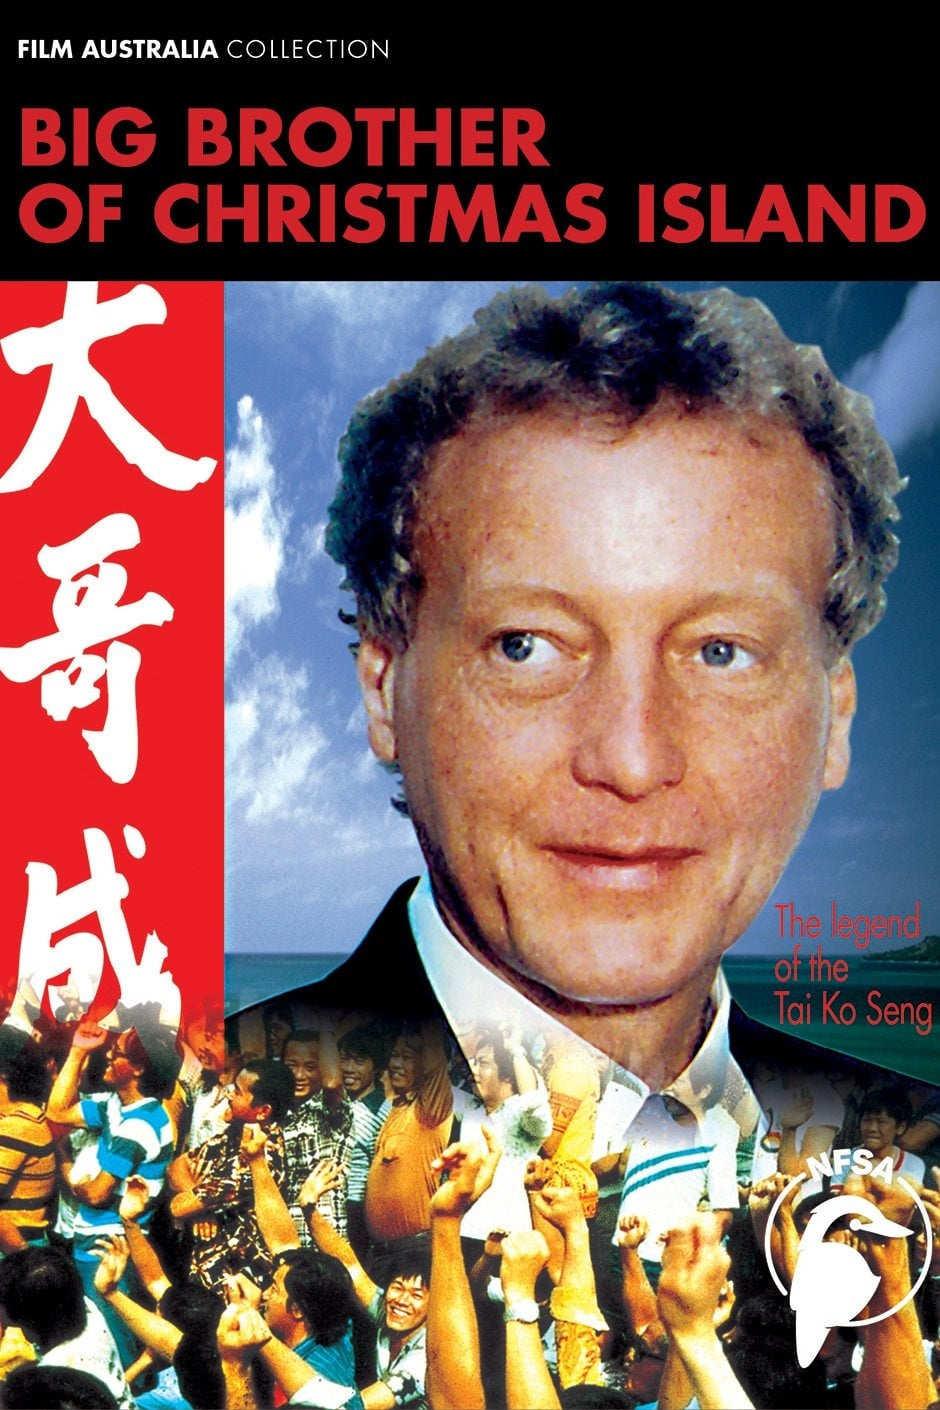 Big Brother of Christmas Island (1999)